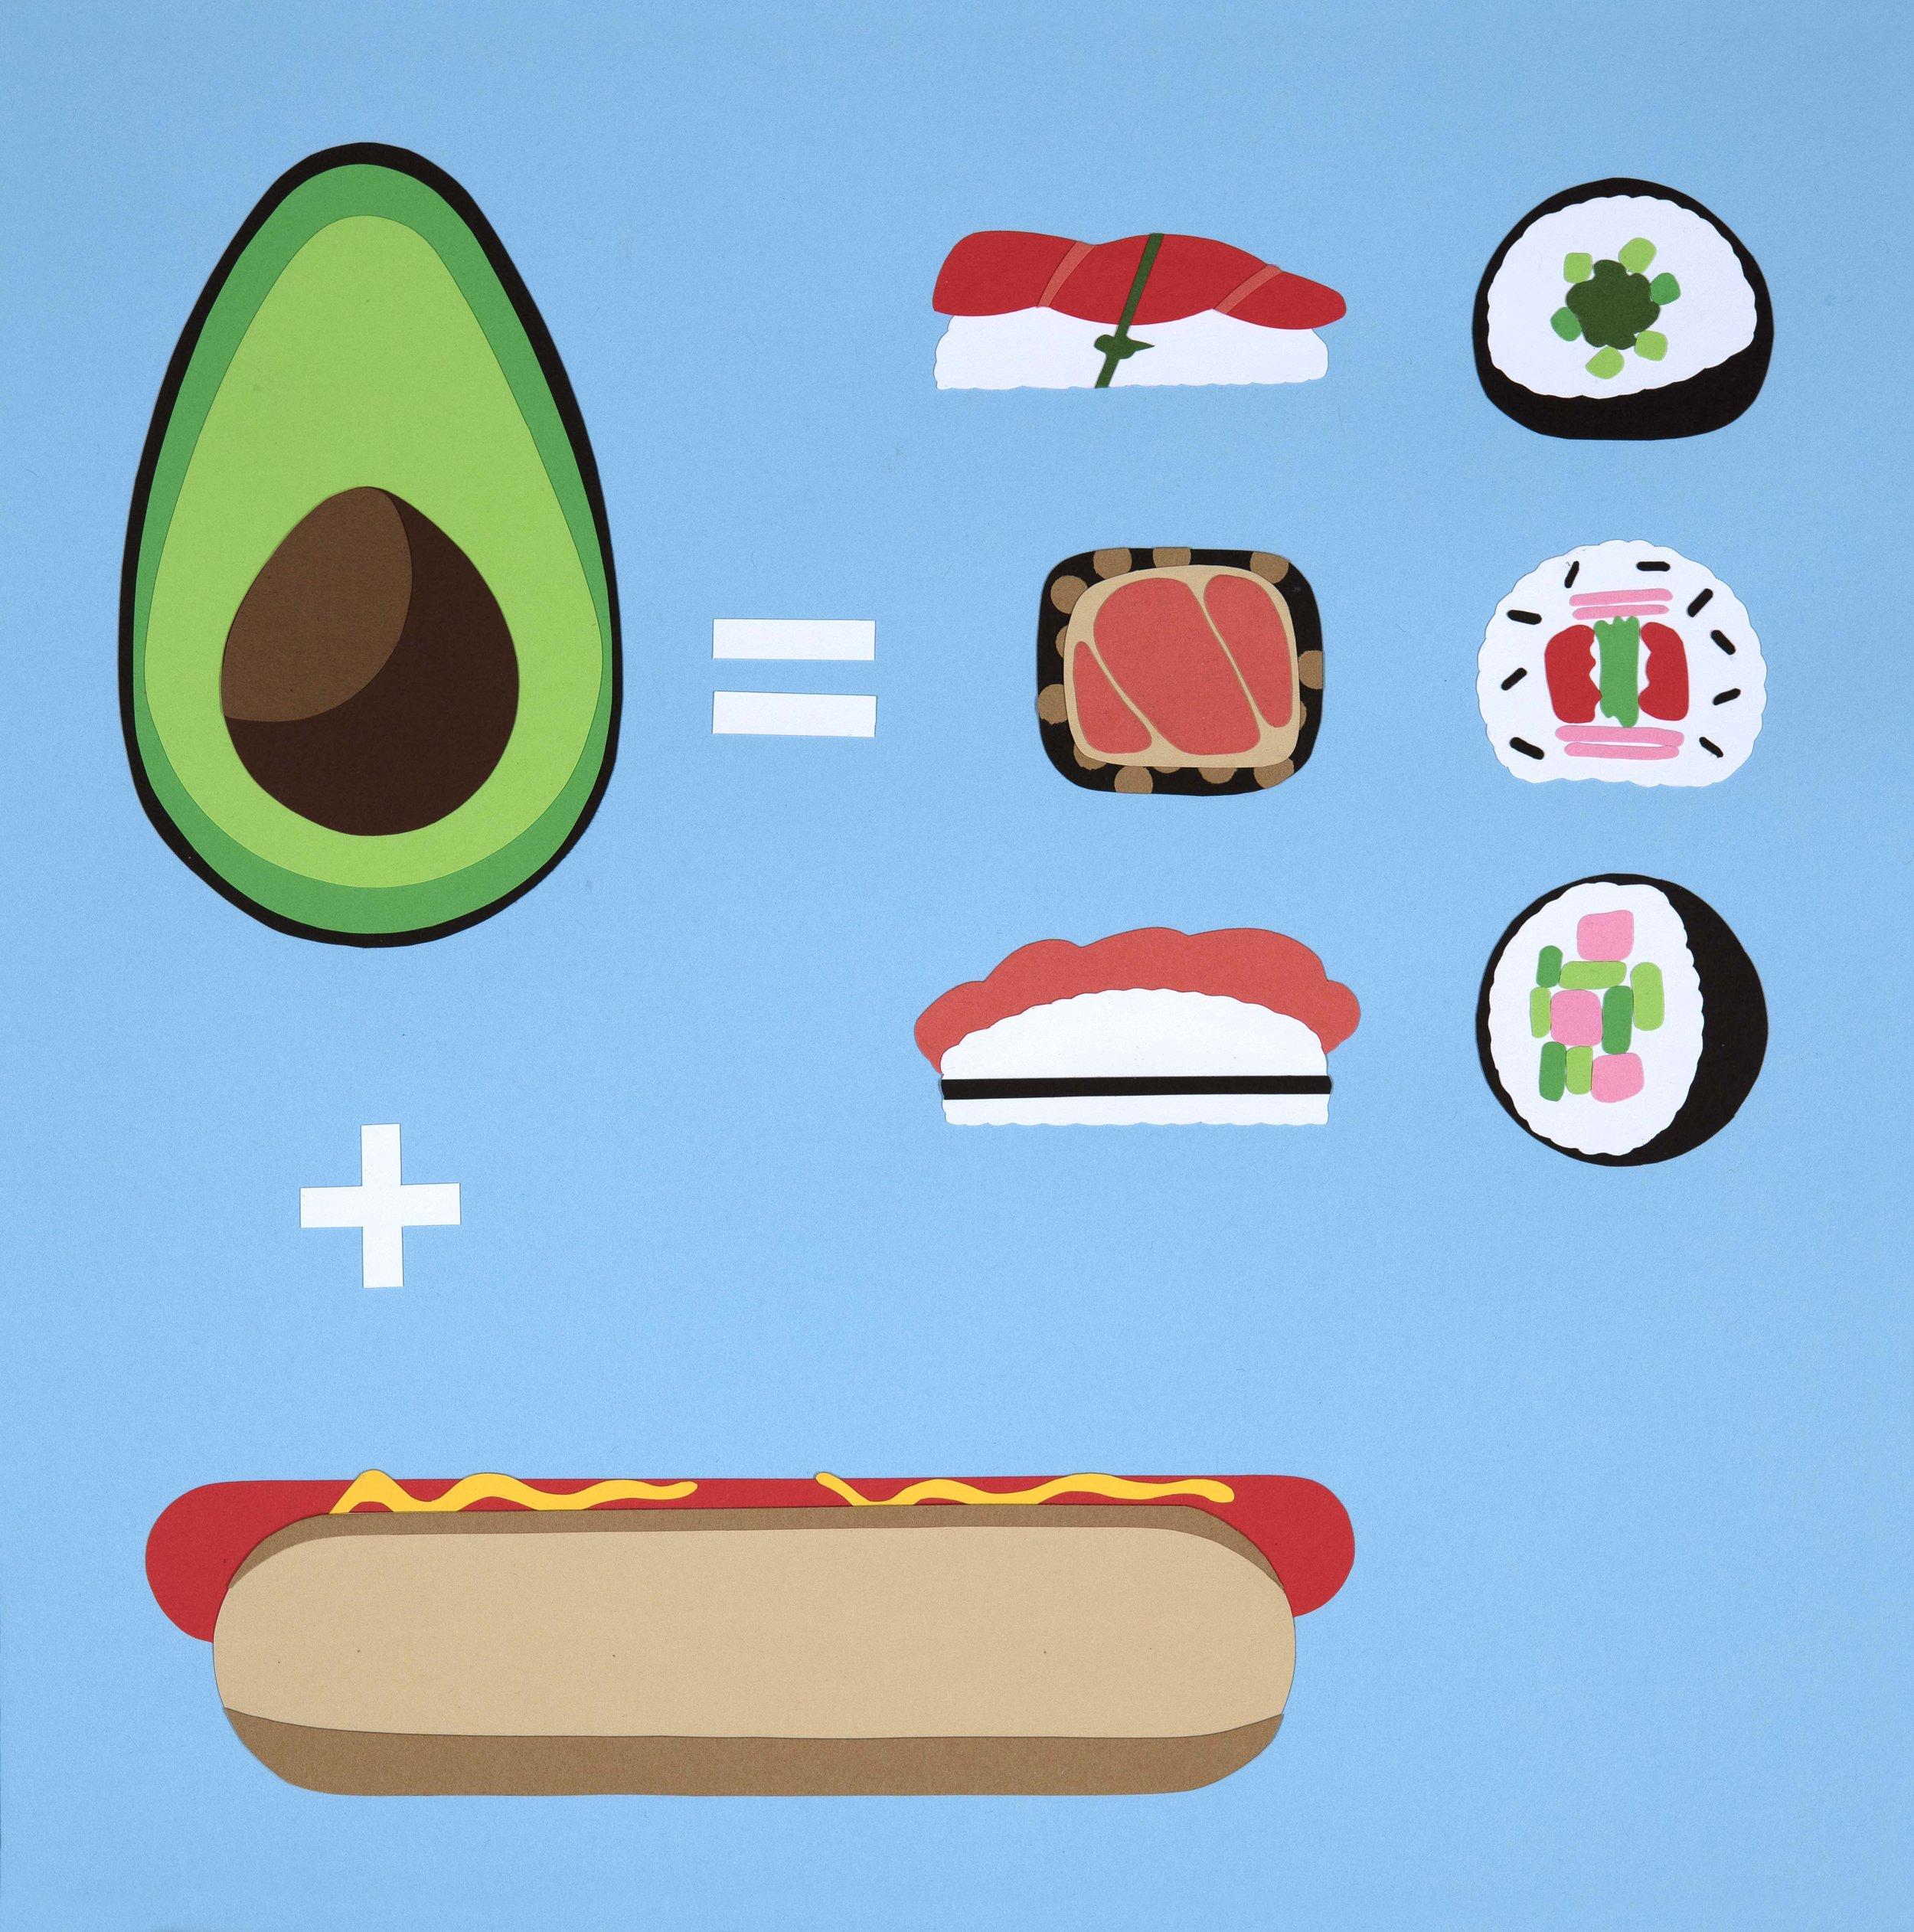 Hot Dog + Avocado = Sushi